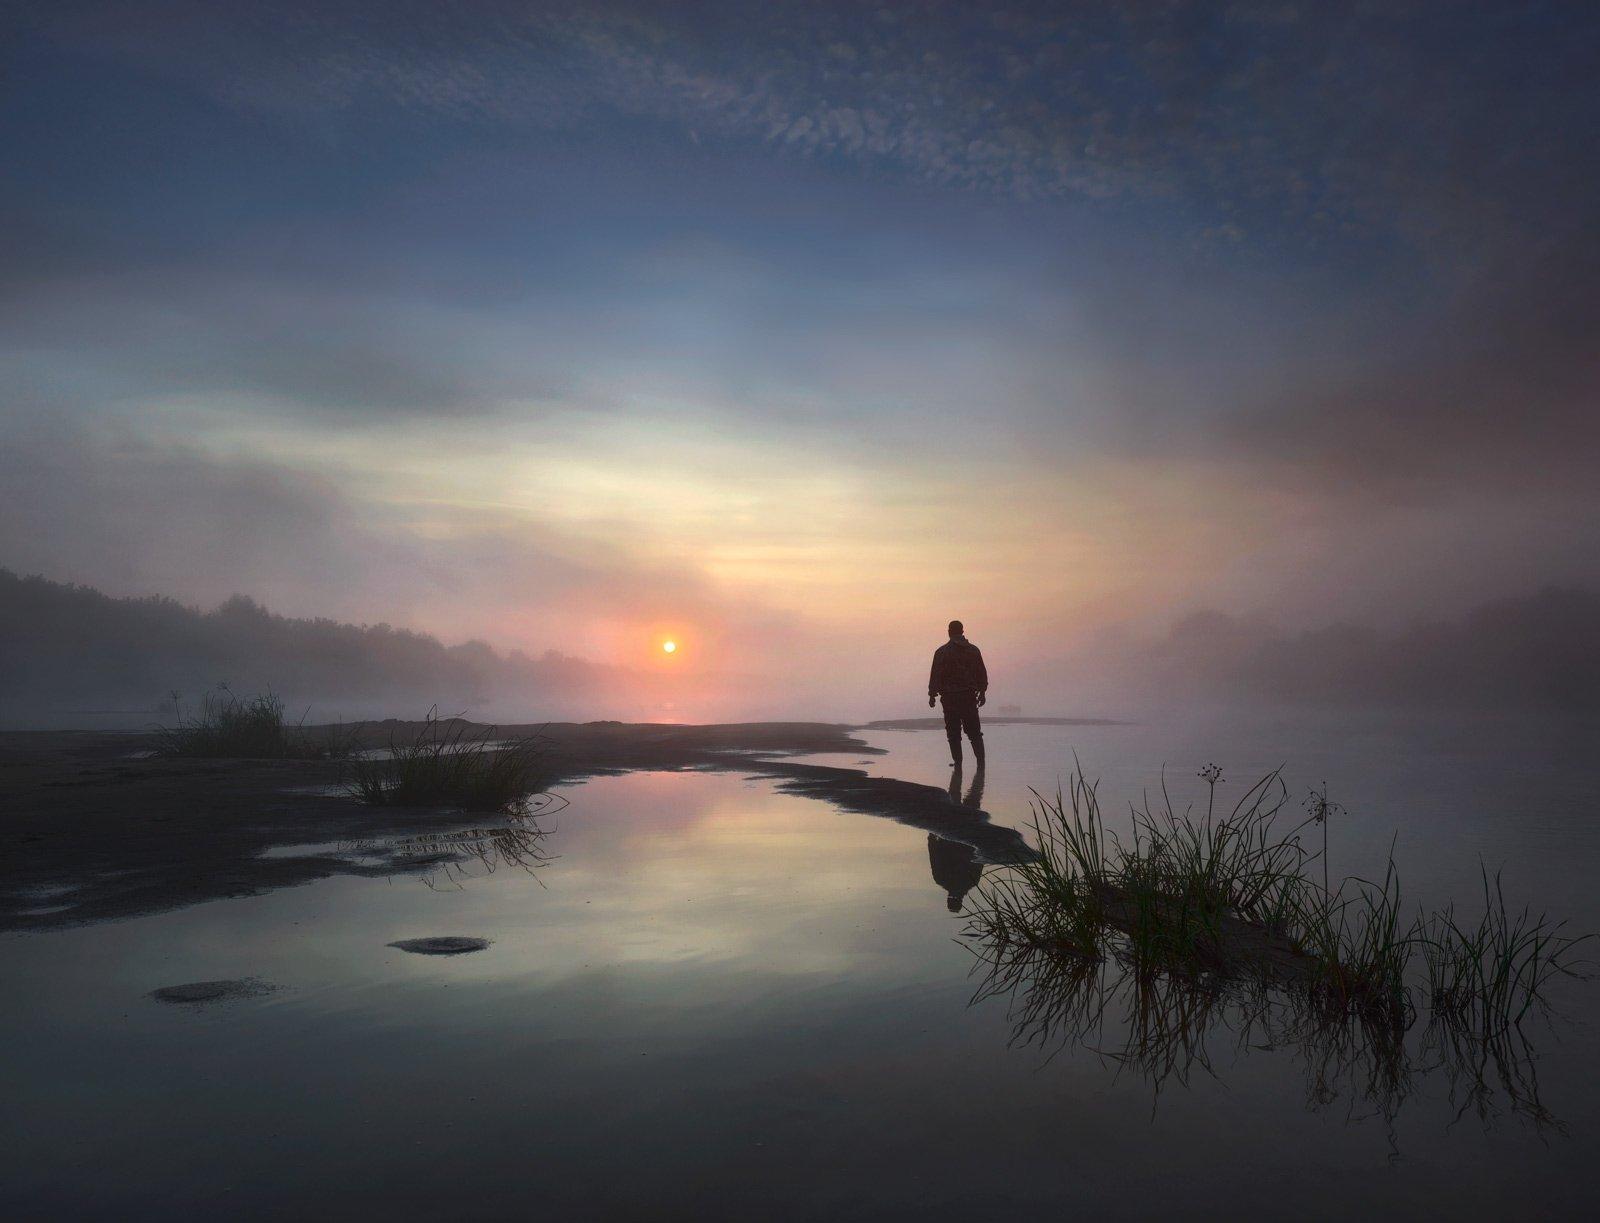 #пейзаж #мистика #фантазия #утро #природа #небо, Морозов Юрий